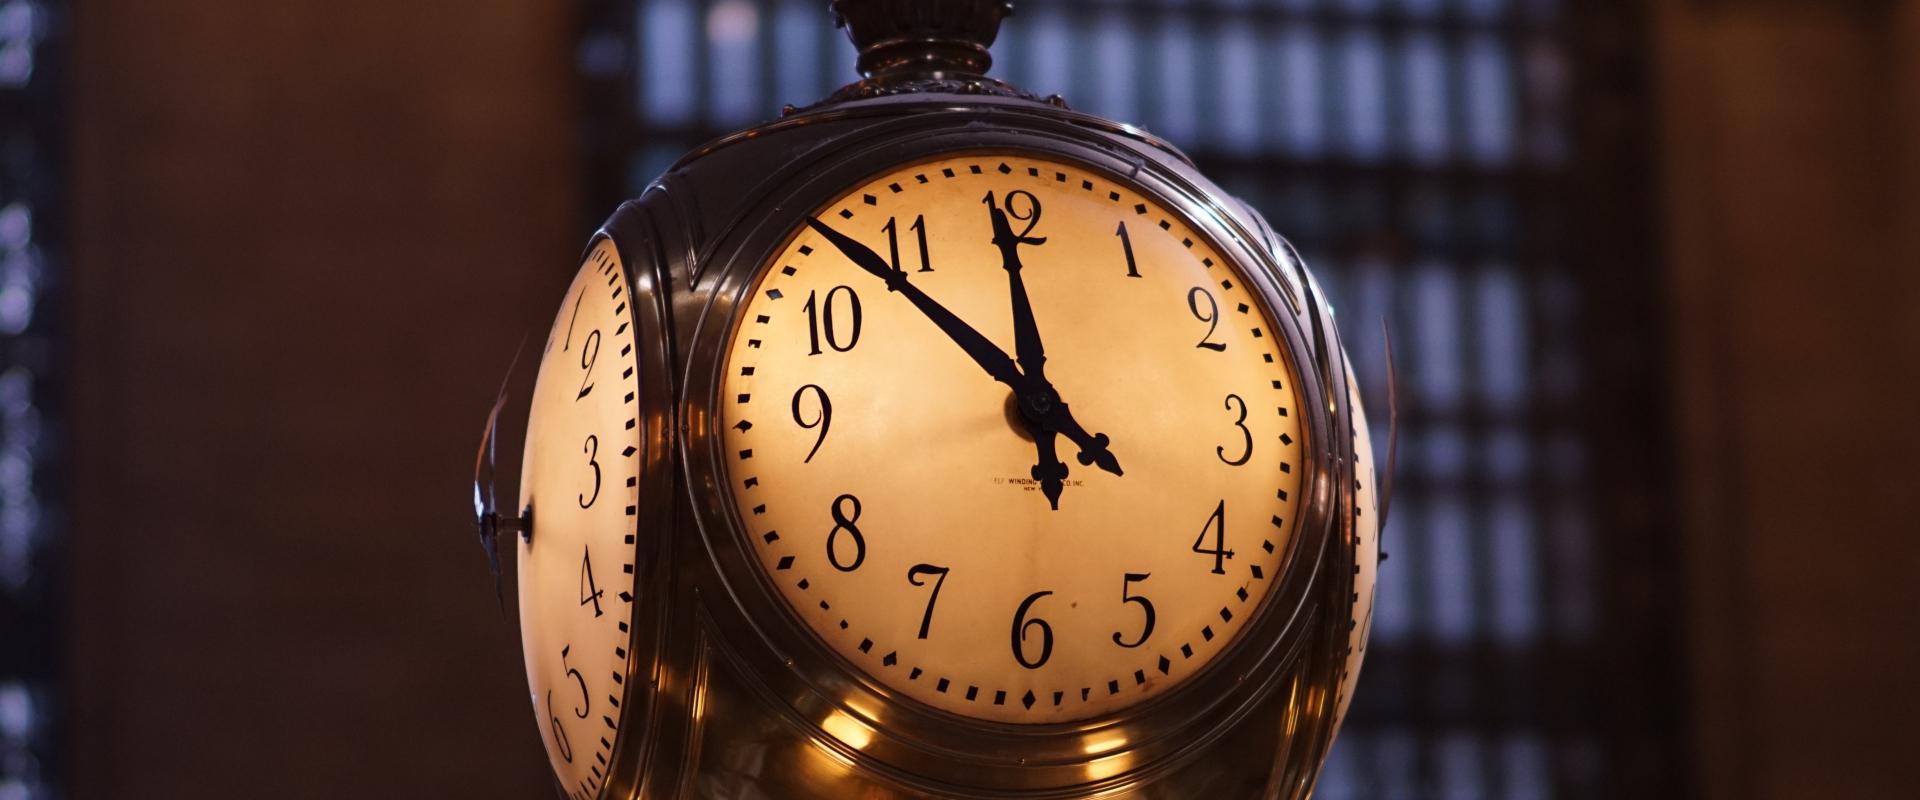 Changement d'heure et sommeil